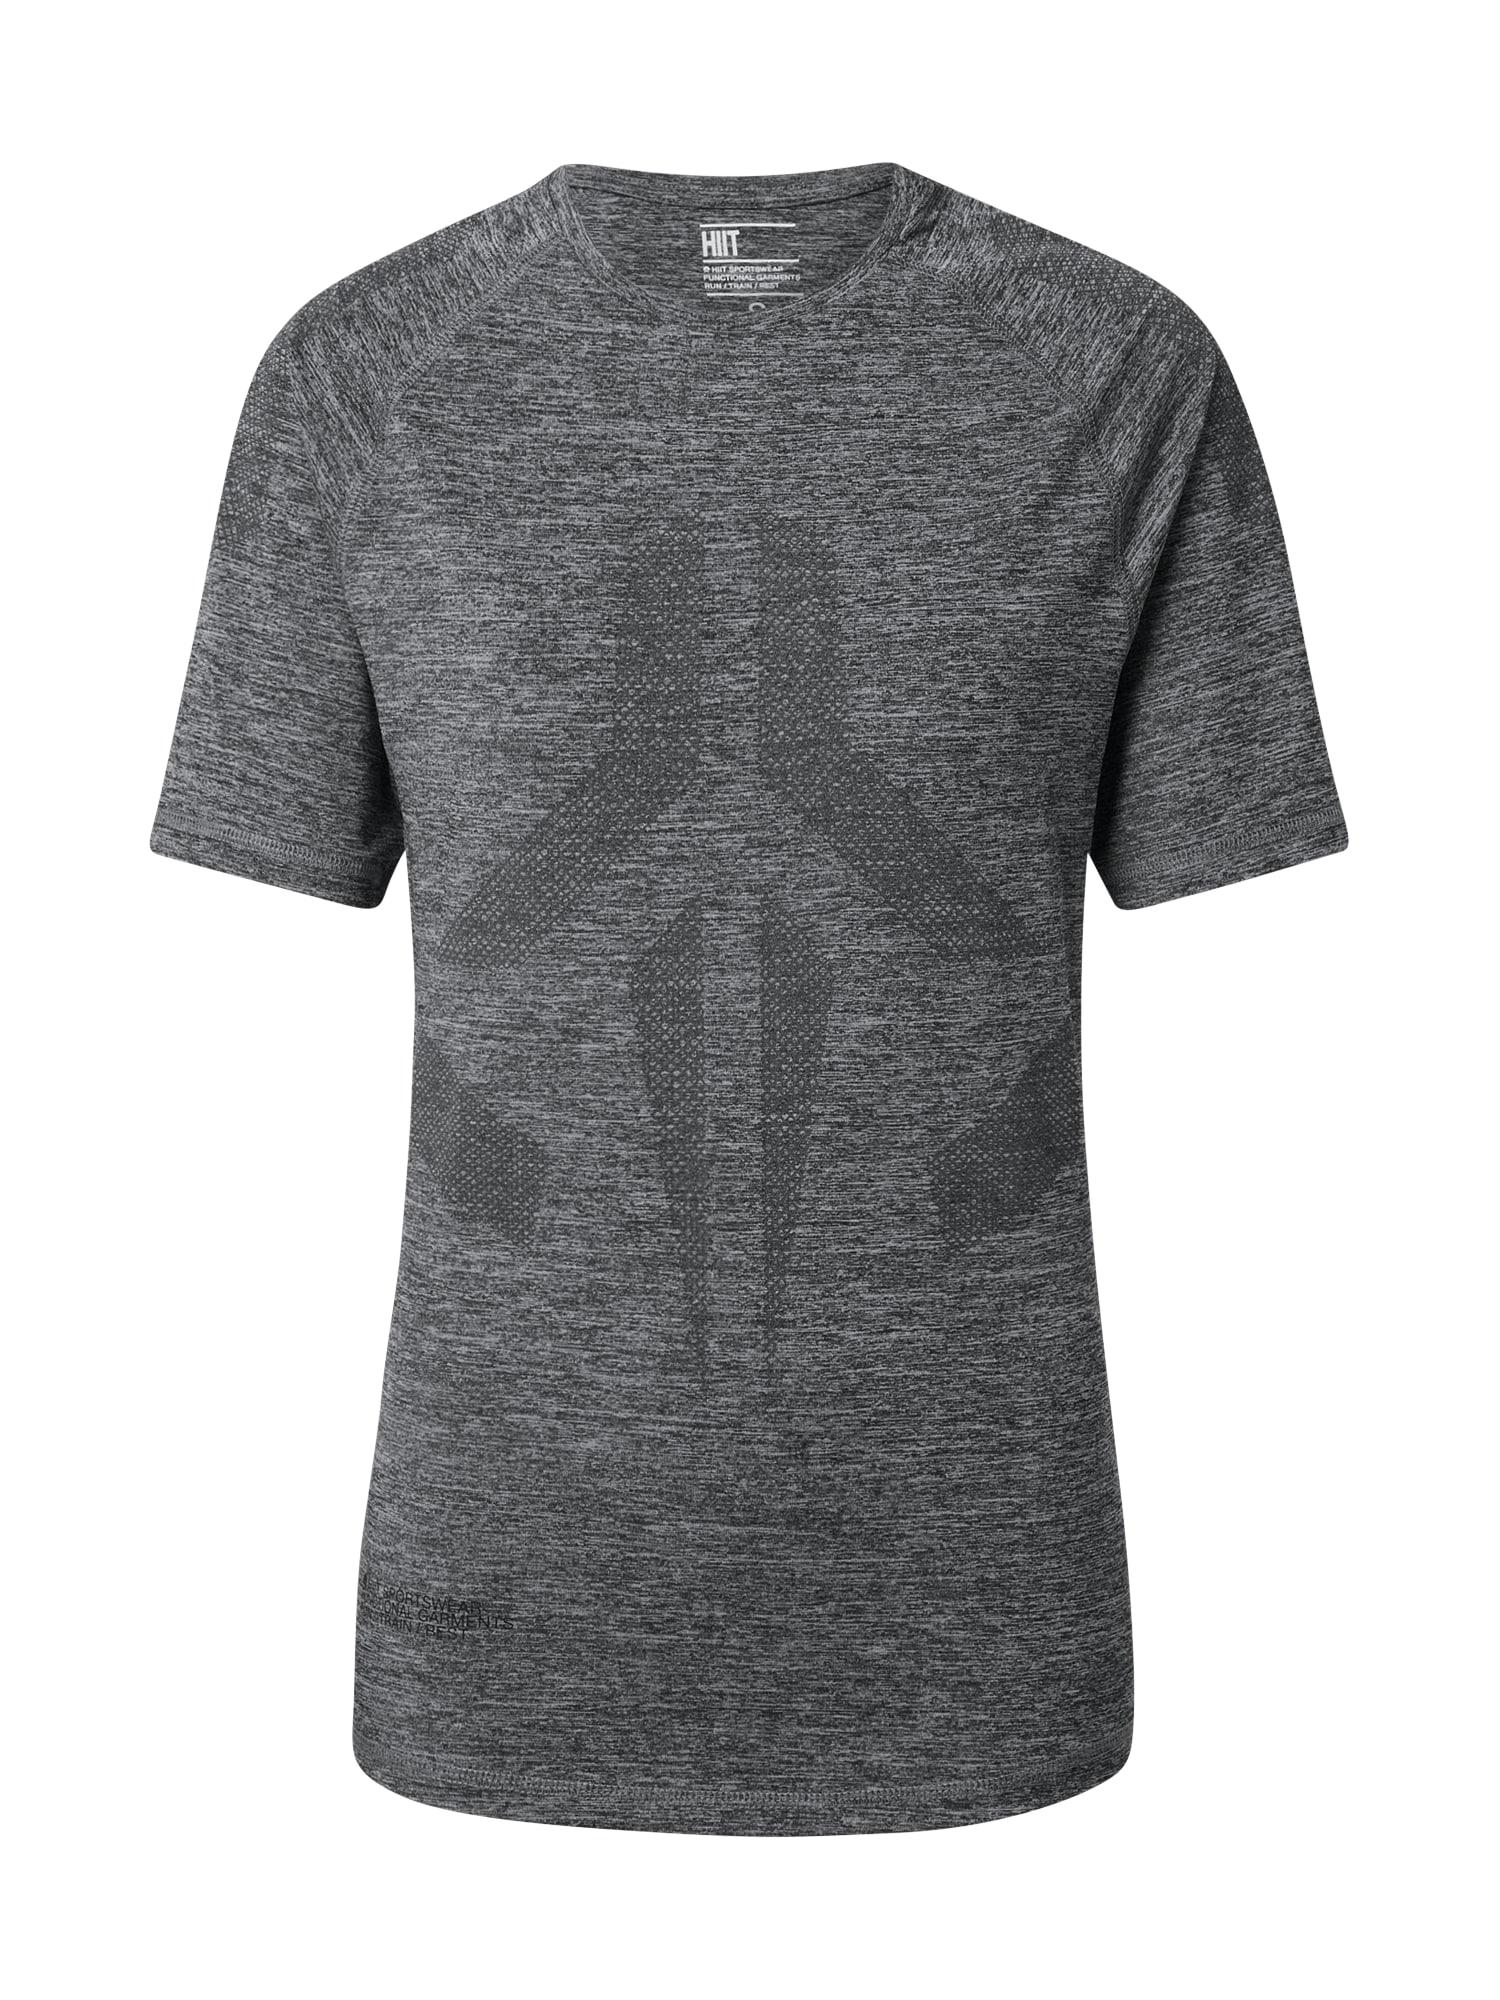 HIIT Sportiniai marškinėliai pilka